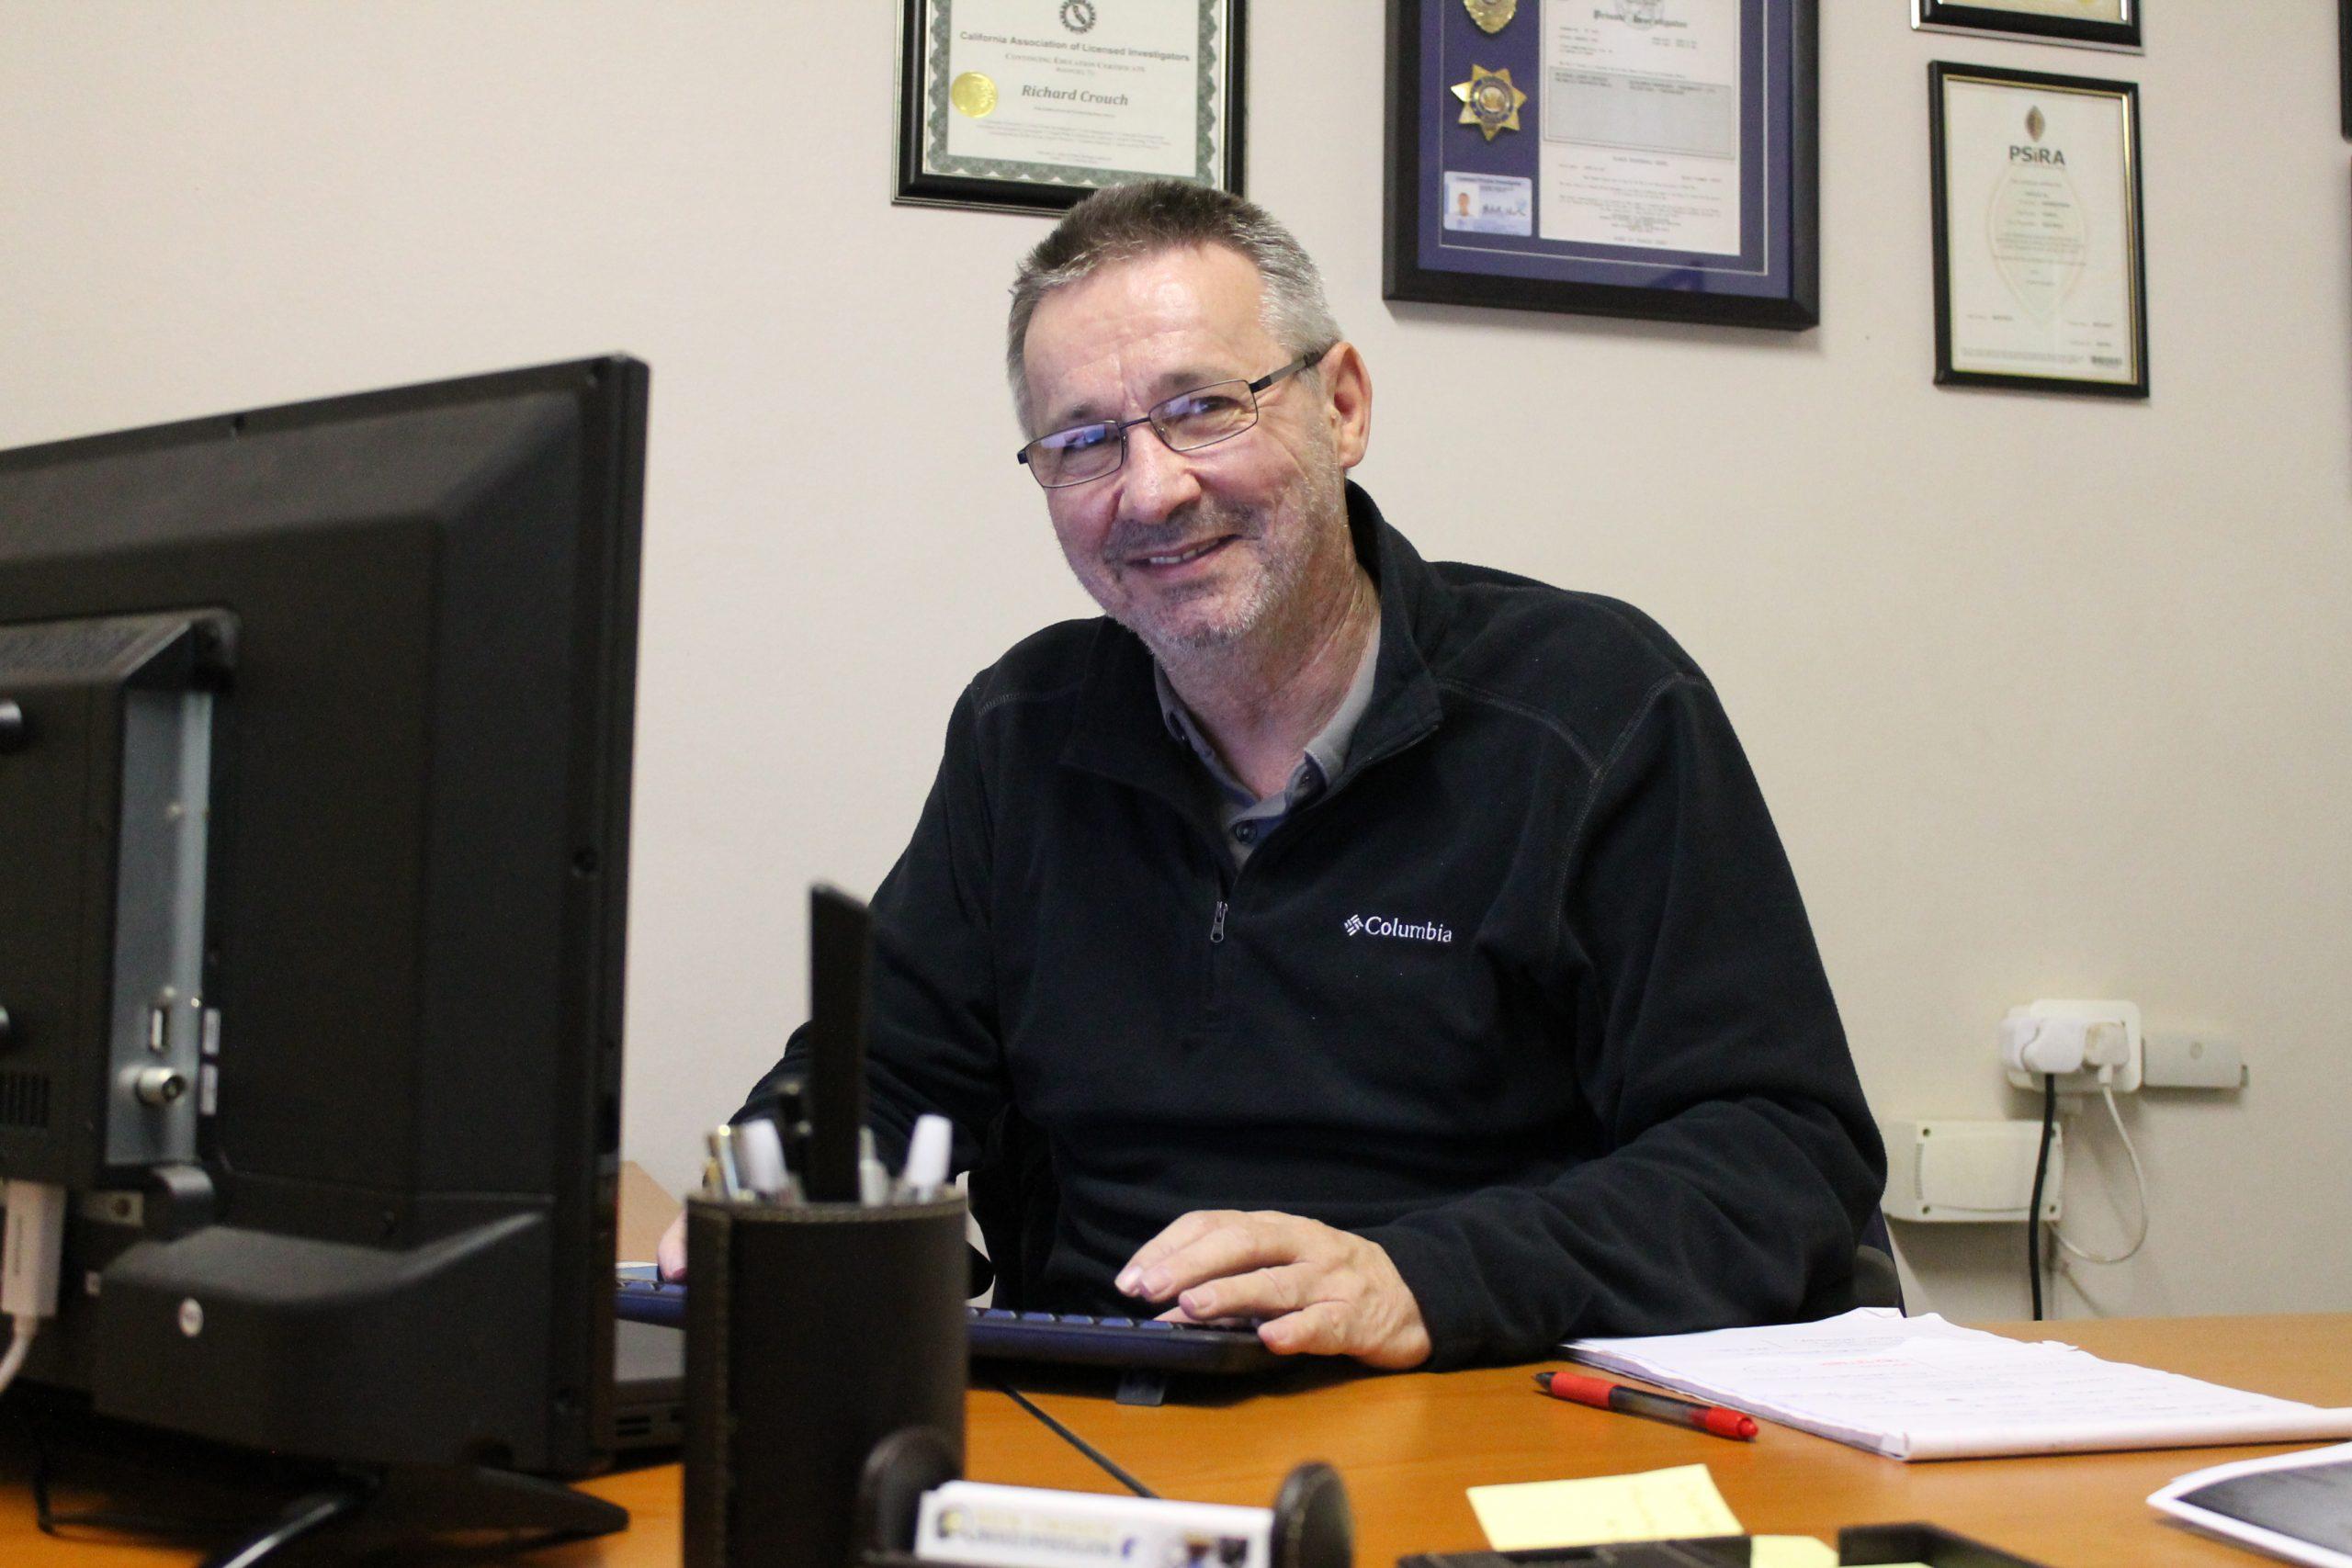 Rick Crouch Private Investigator in Durban